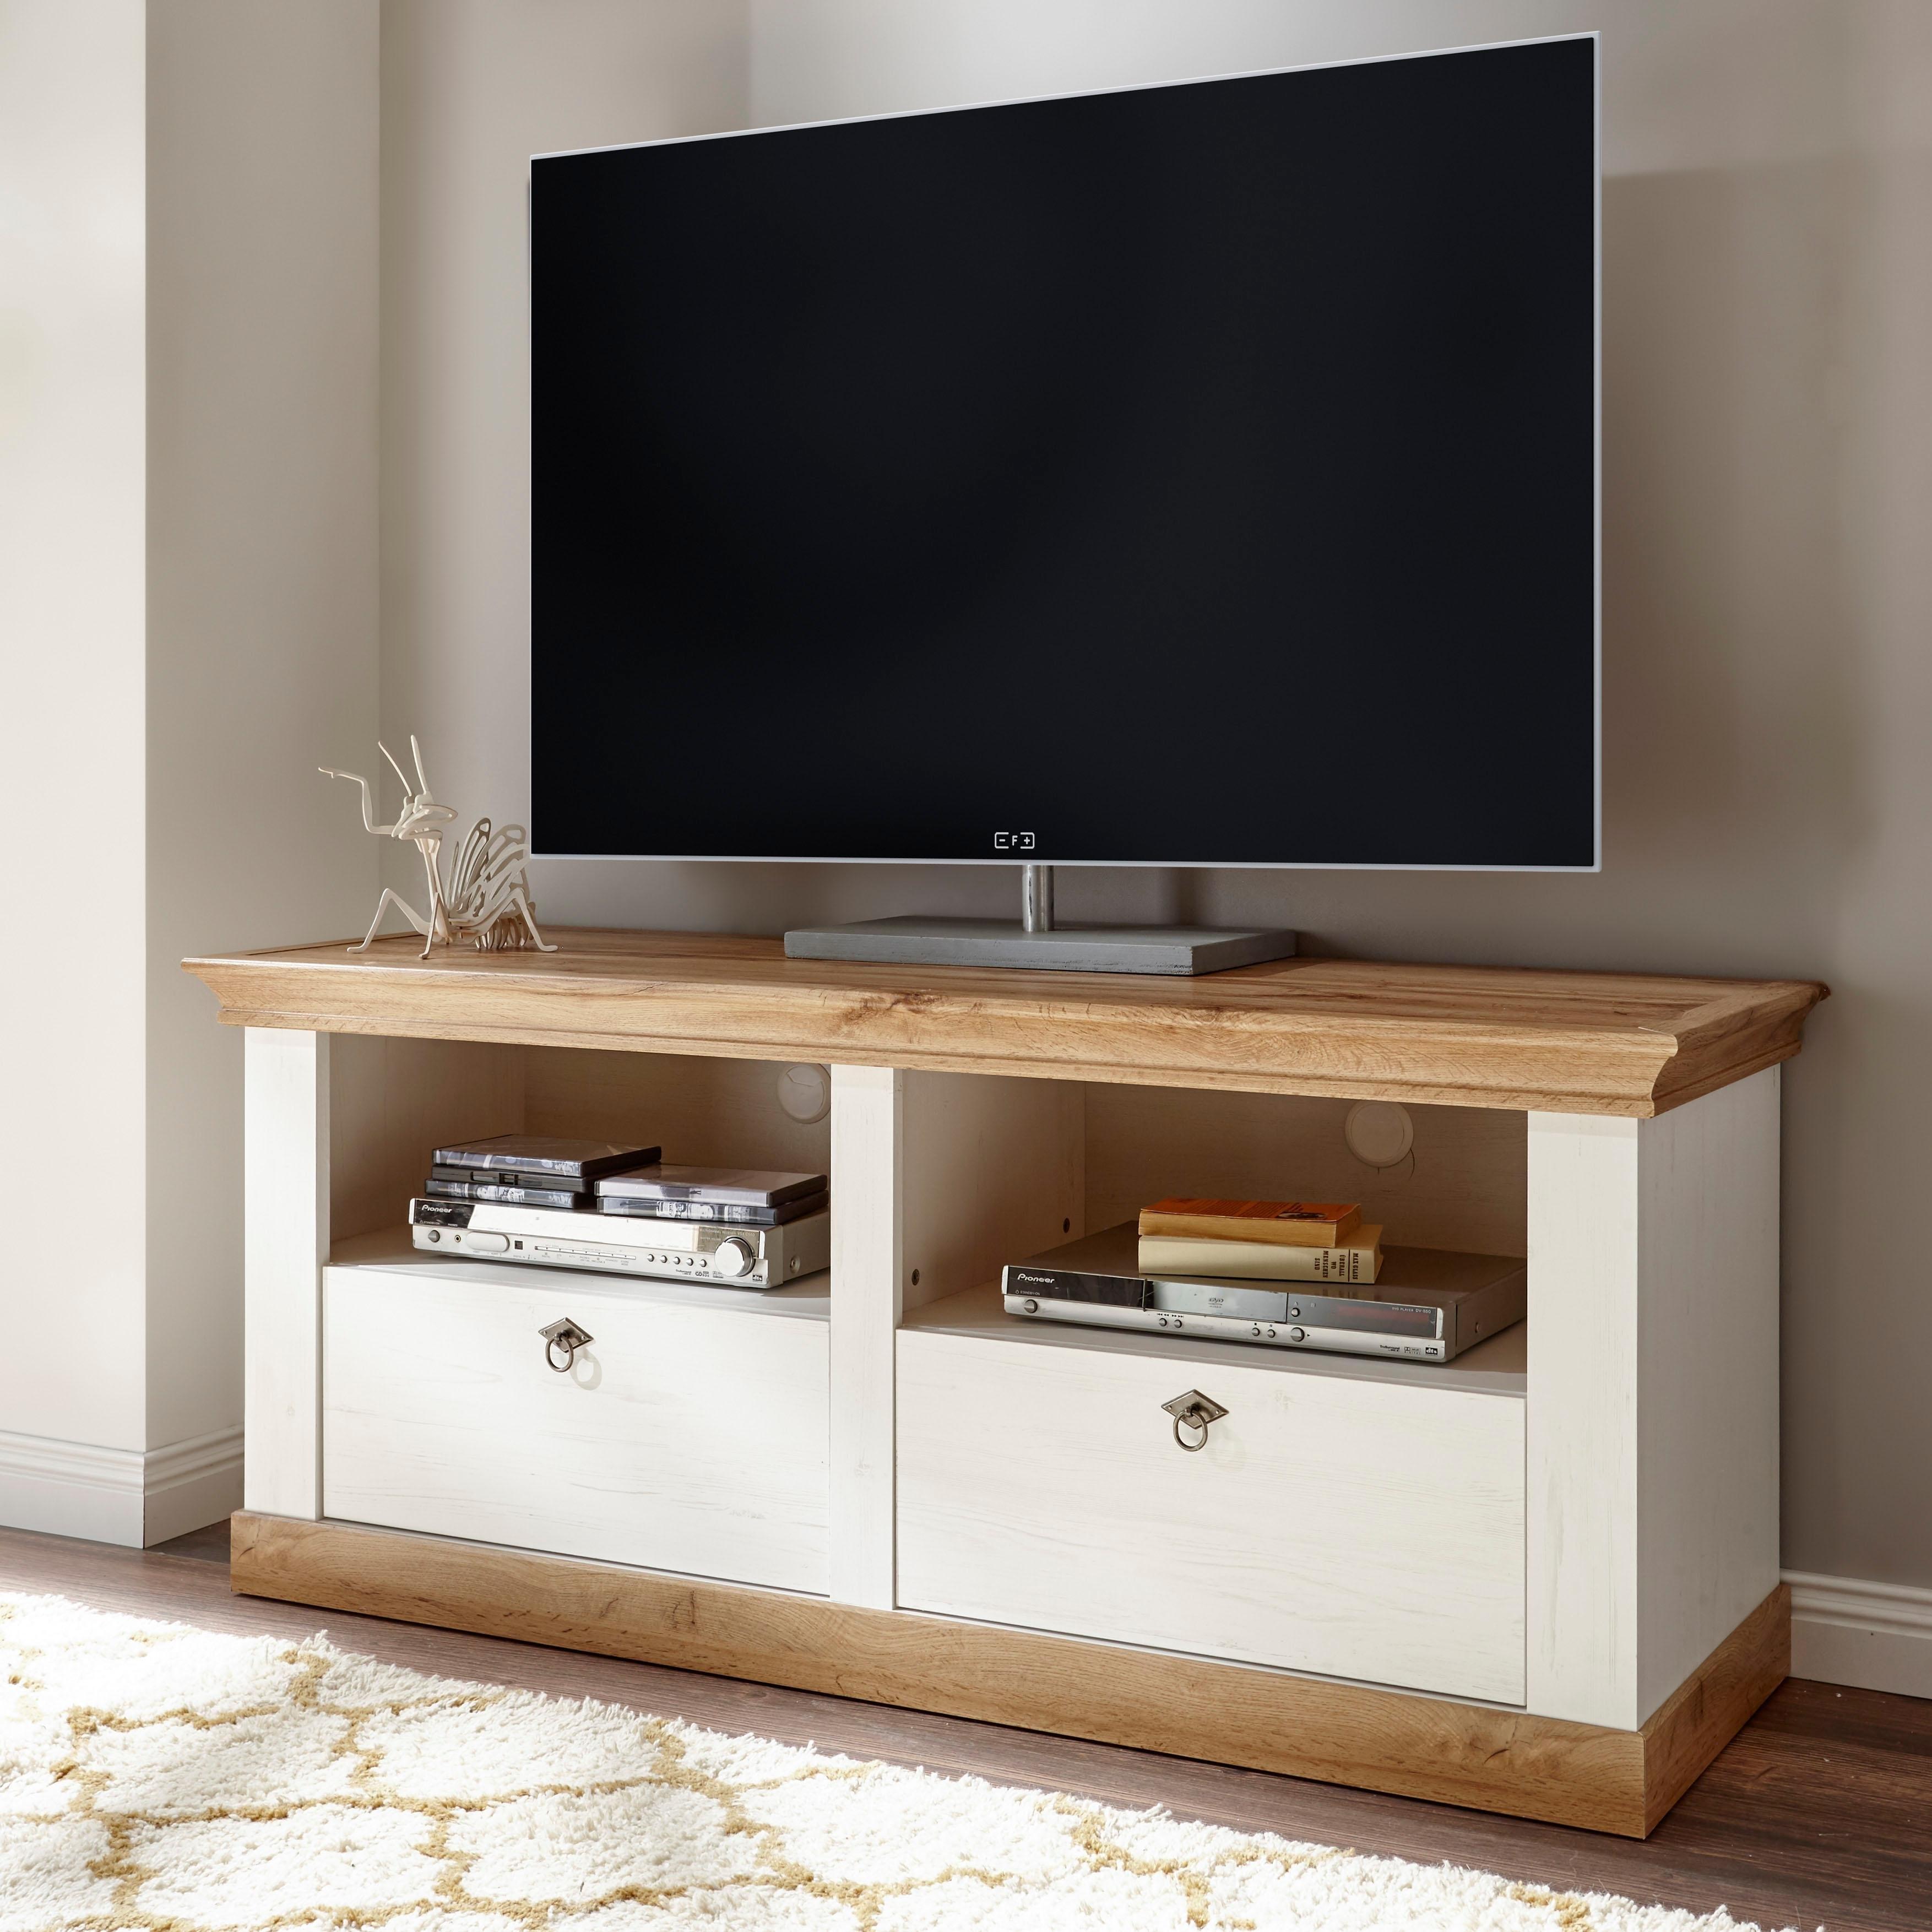 Home Affaire tv-meubel »Cremona«, breedte 152 cm nu online kopen bij OTTO